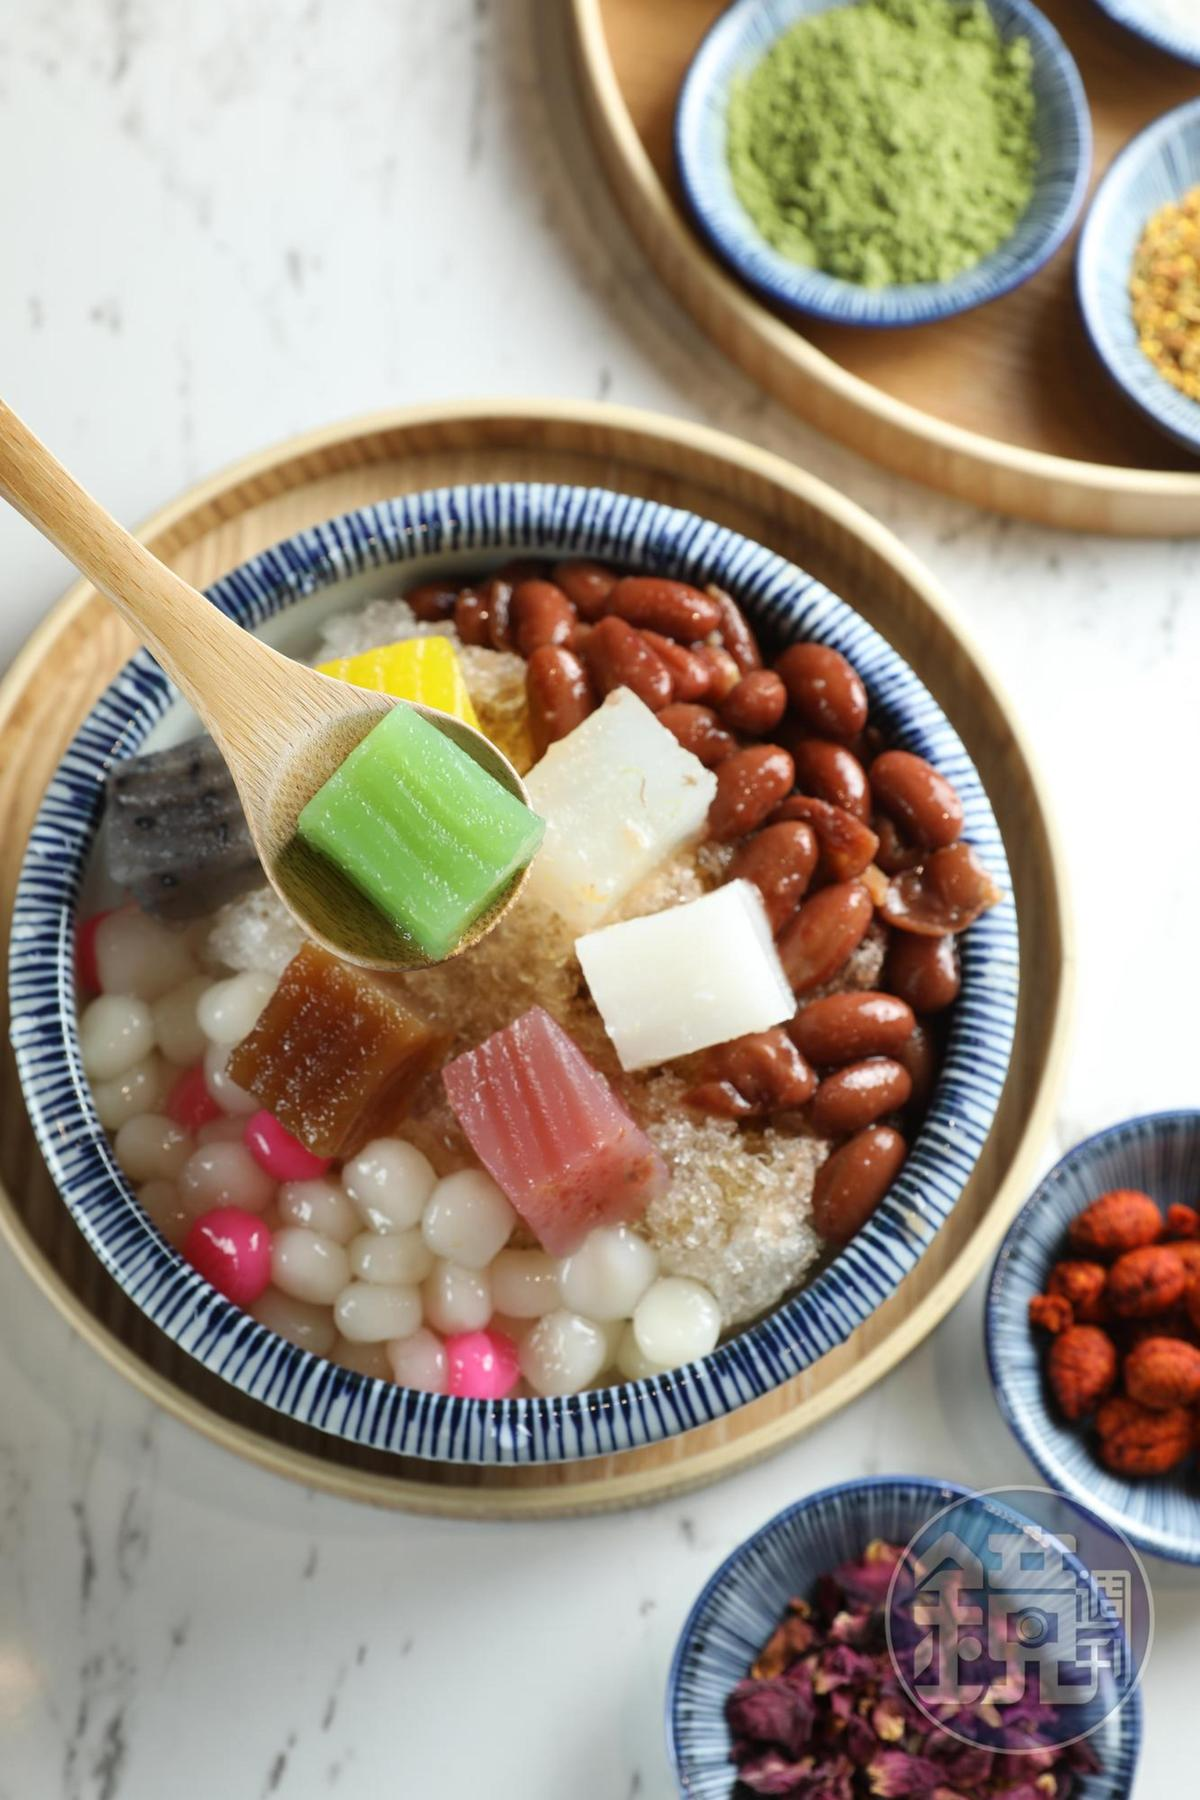 粉粿刨冰依配料編號,「黑糖4號」搭配花豆和湯圓,甜度剛好。(55元/碗)